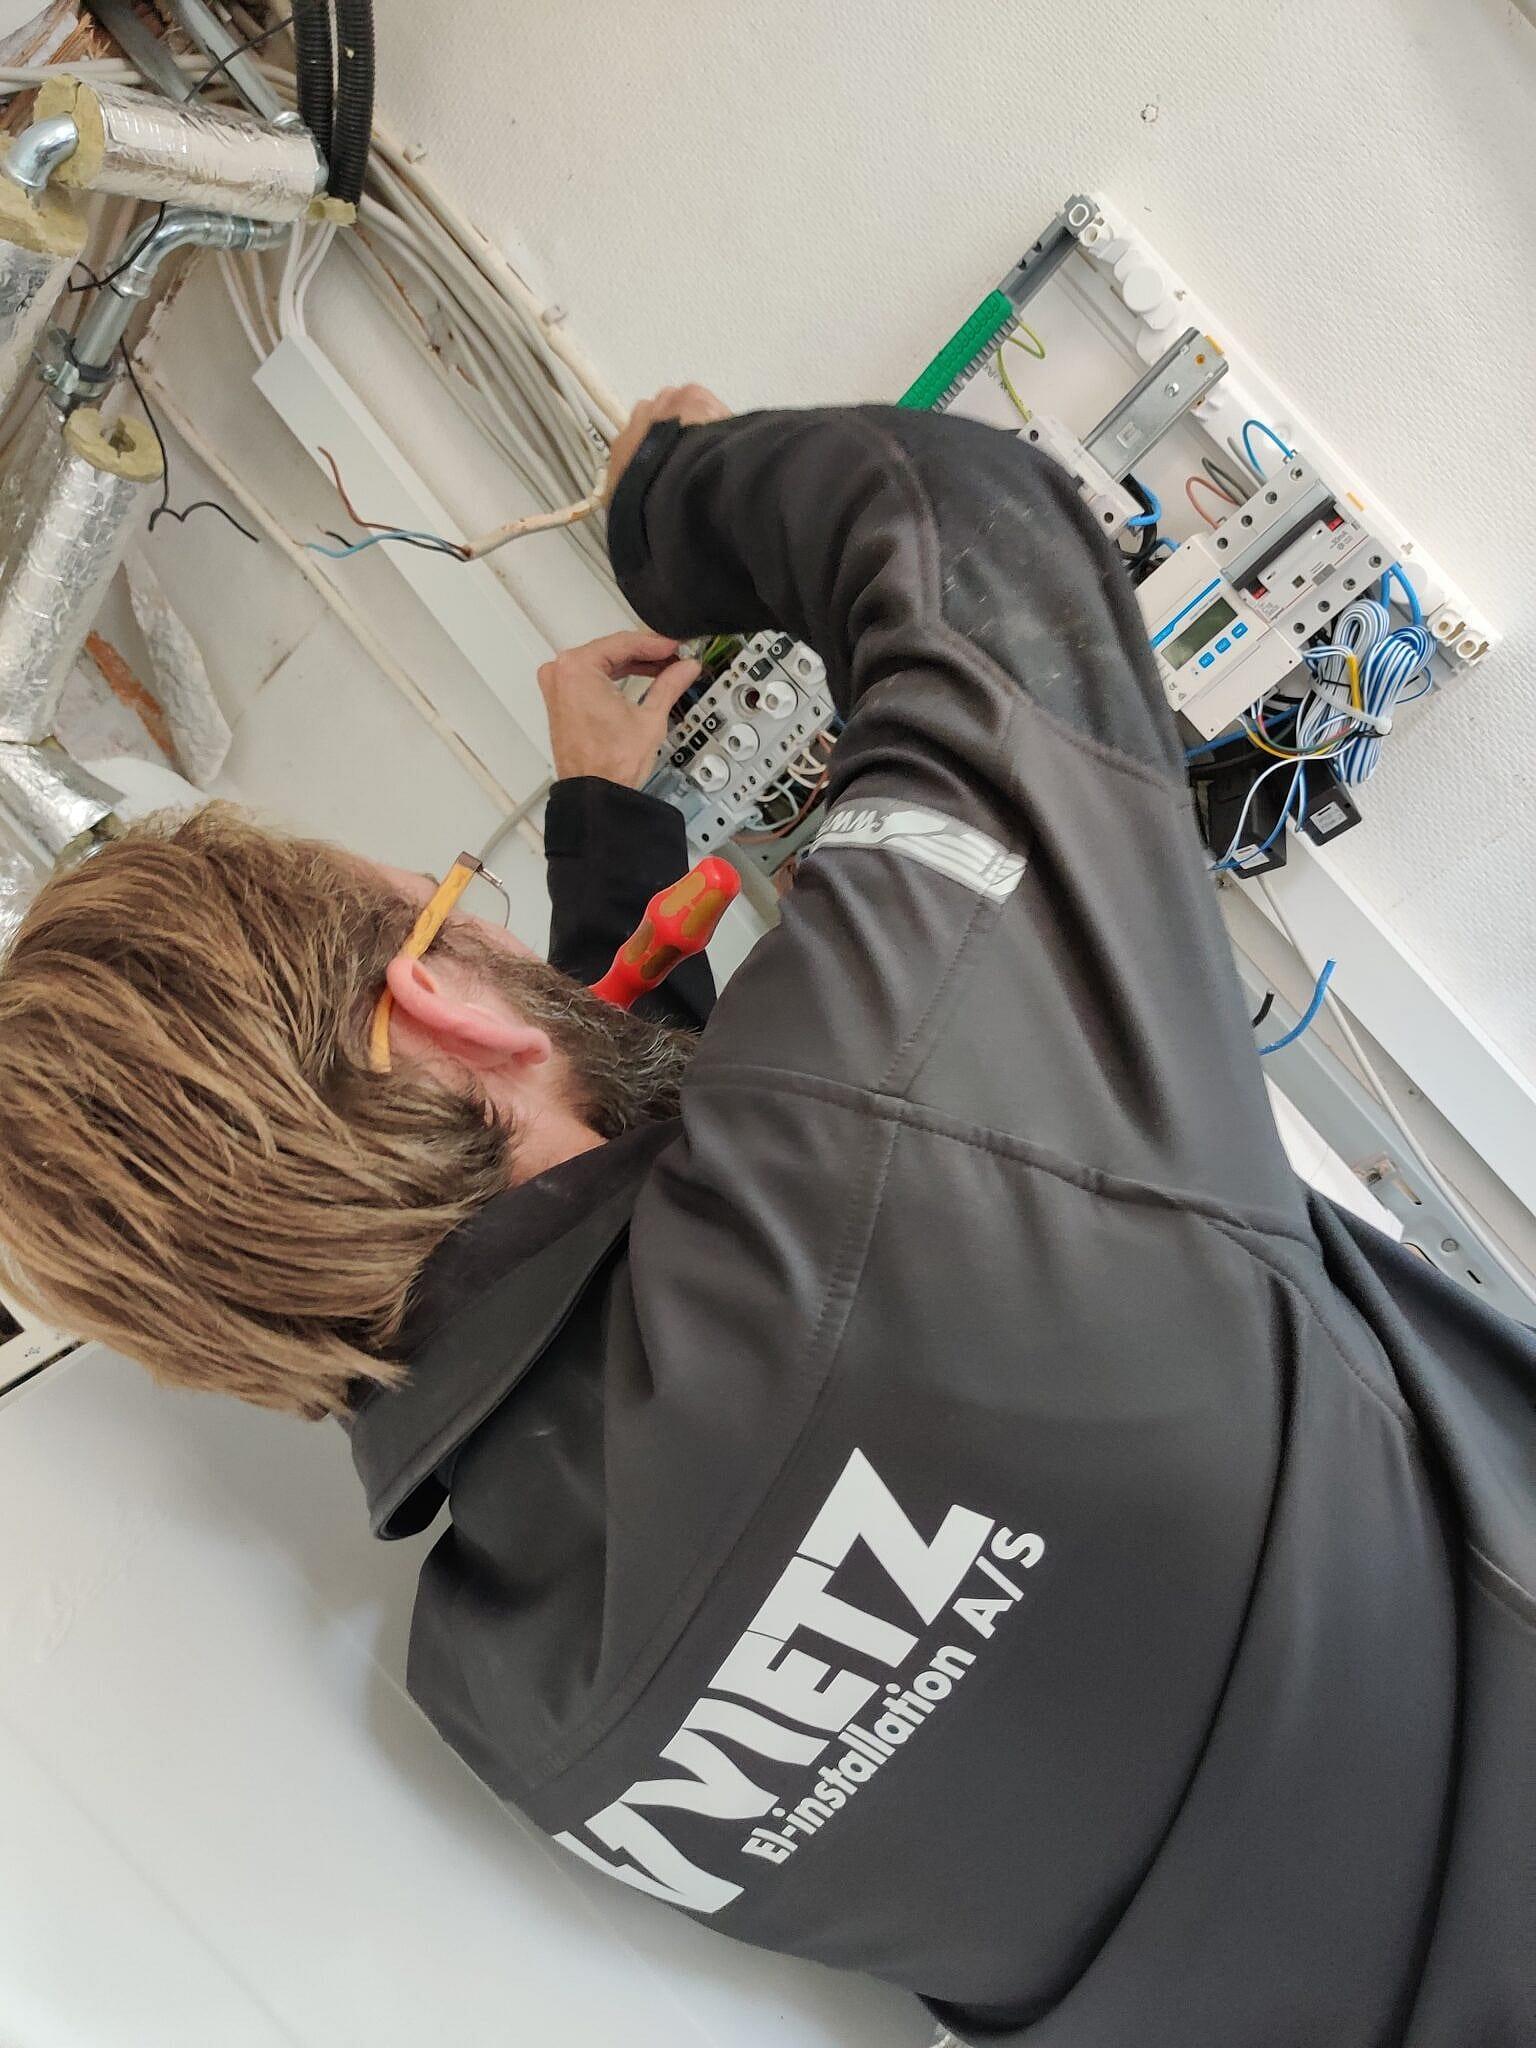 Vietz elektriker i gang med eltavle